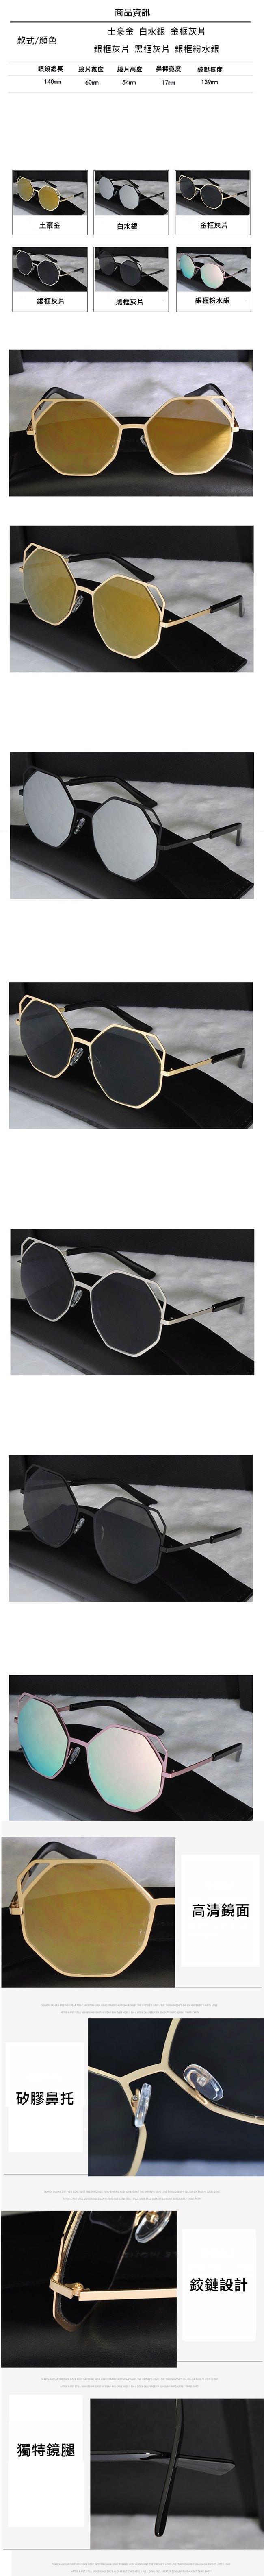 太陽眼鏡-復古炫彩帥氣有型男偏光墨鏡